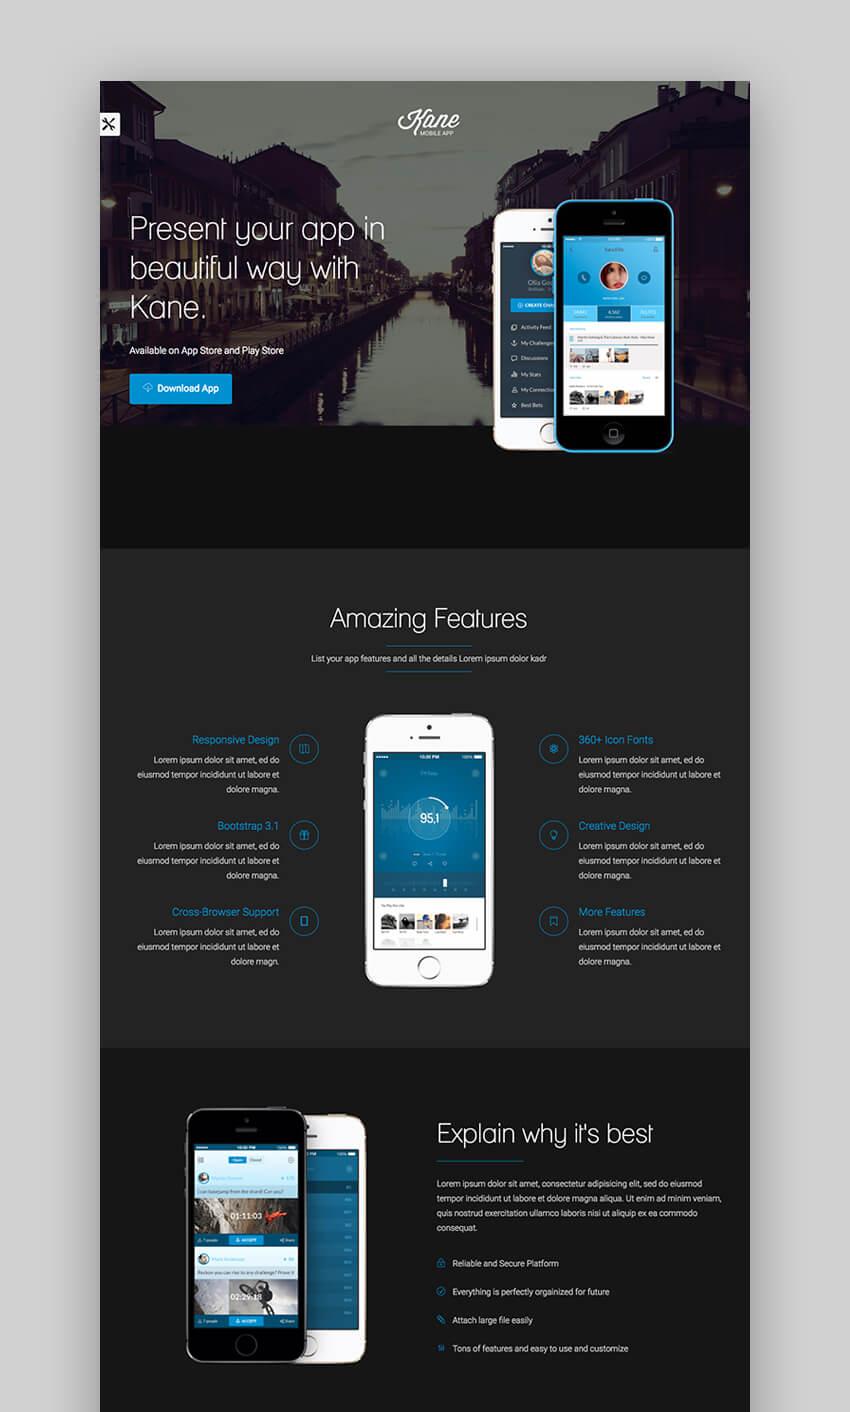 Kane landing page design for app promotion